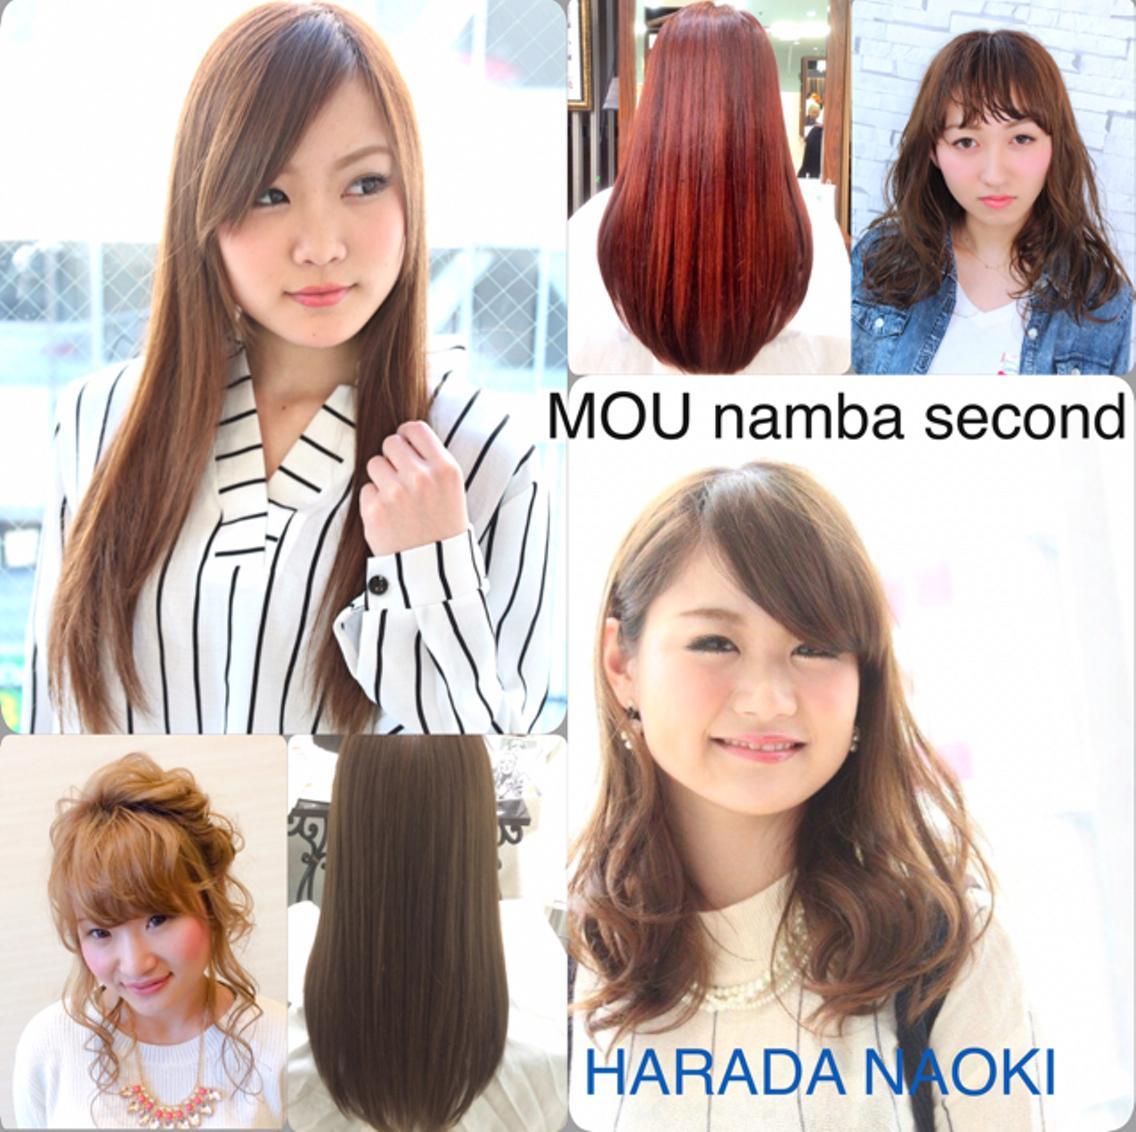 難波駅地下直結30秒!!ダメージレスで上質なモテ髪、愛され髪☆特にカラーはスペシャリストです(*^_^*)